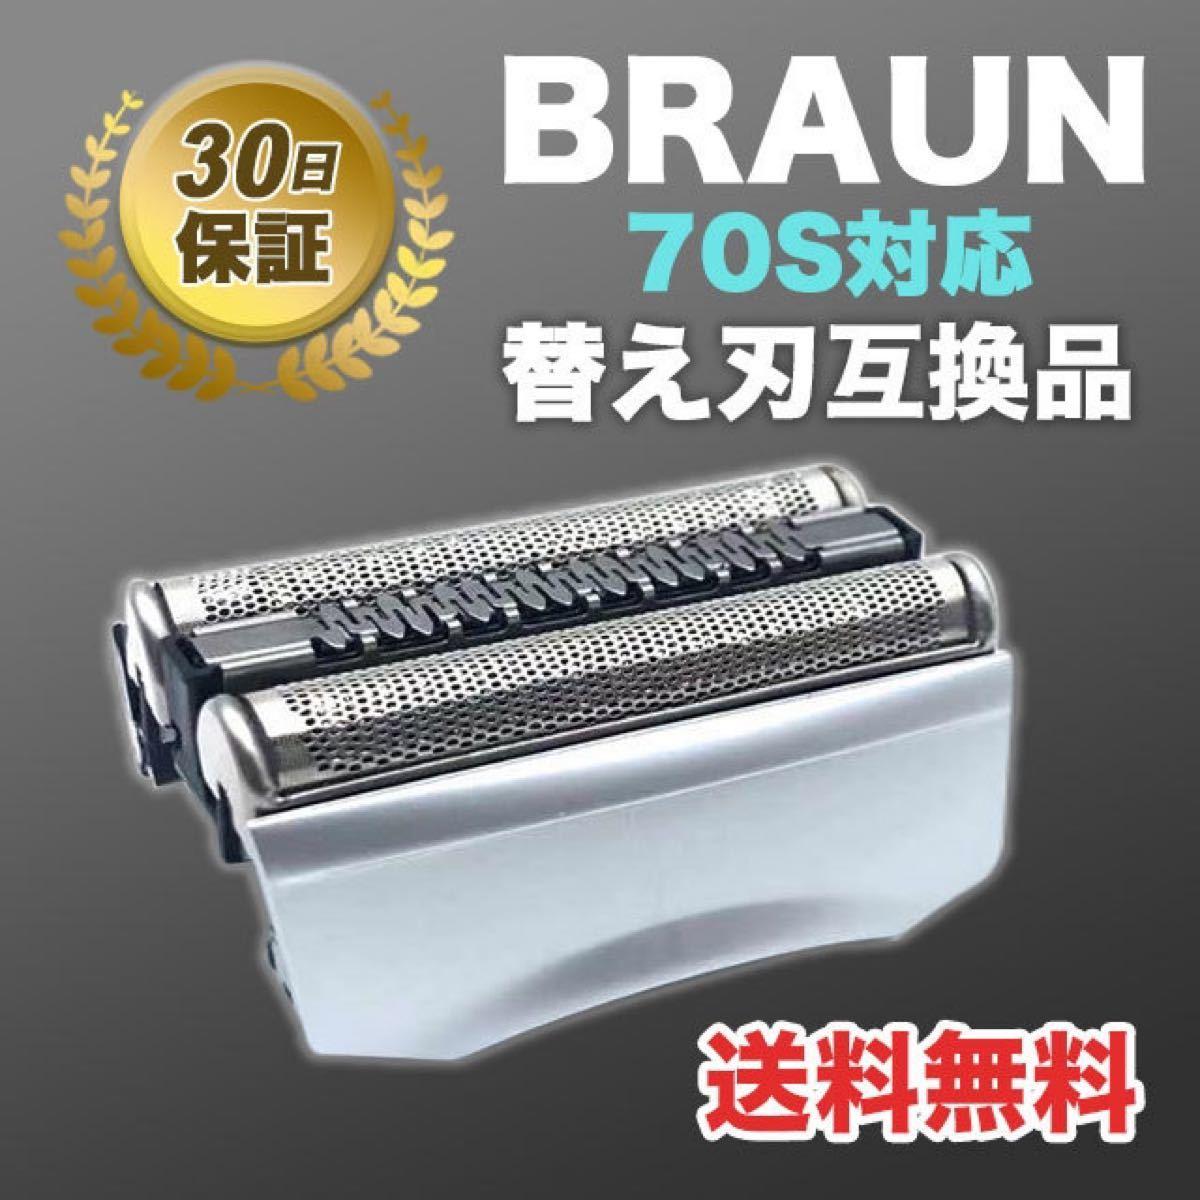 ブラウン BRAUN 替刃 シリーズ7 70S 互換品 シェーバー 髭剃り